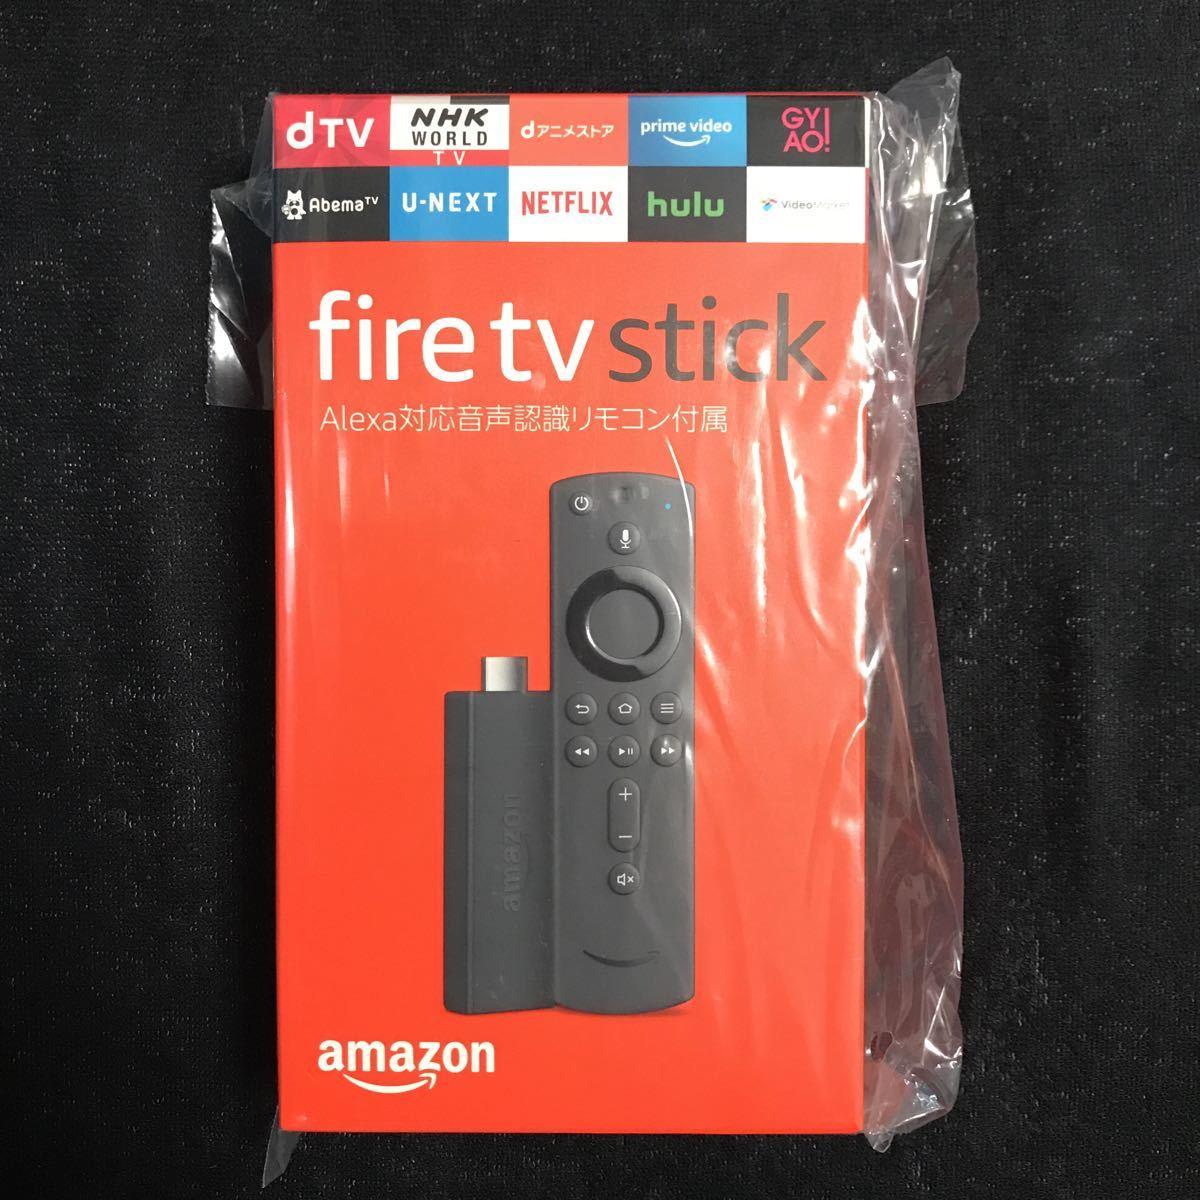 ★新品未開封★fire tv stick Alexa対応音声認識リモコン付属 amazon アマゾン